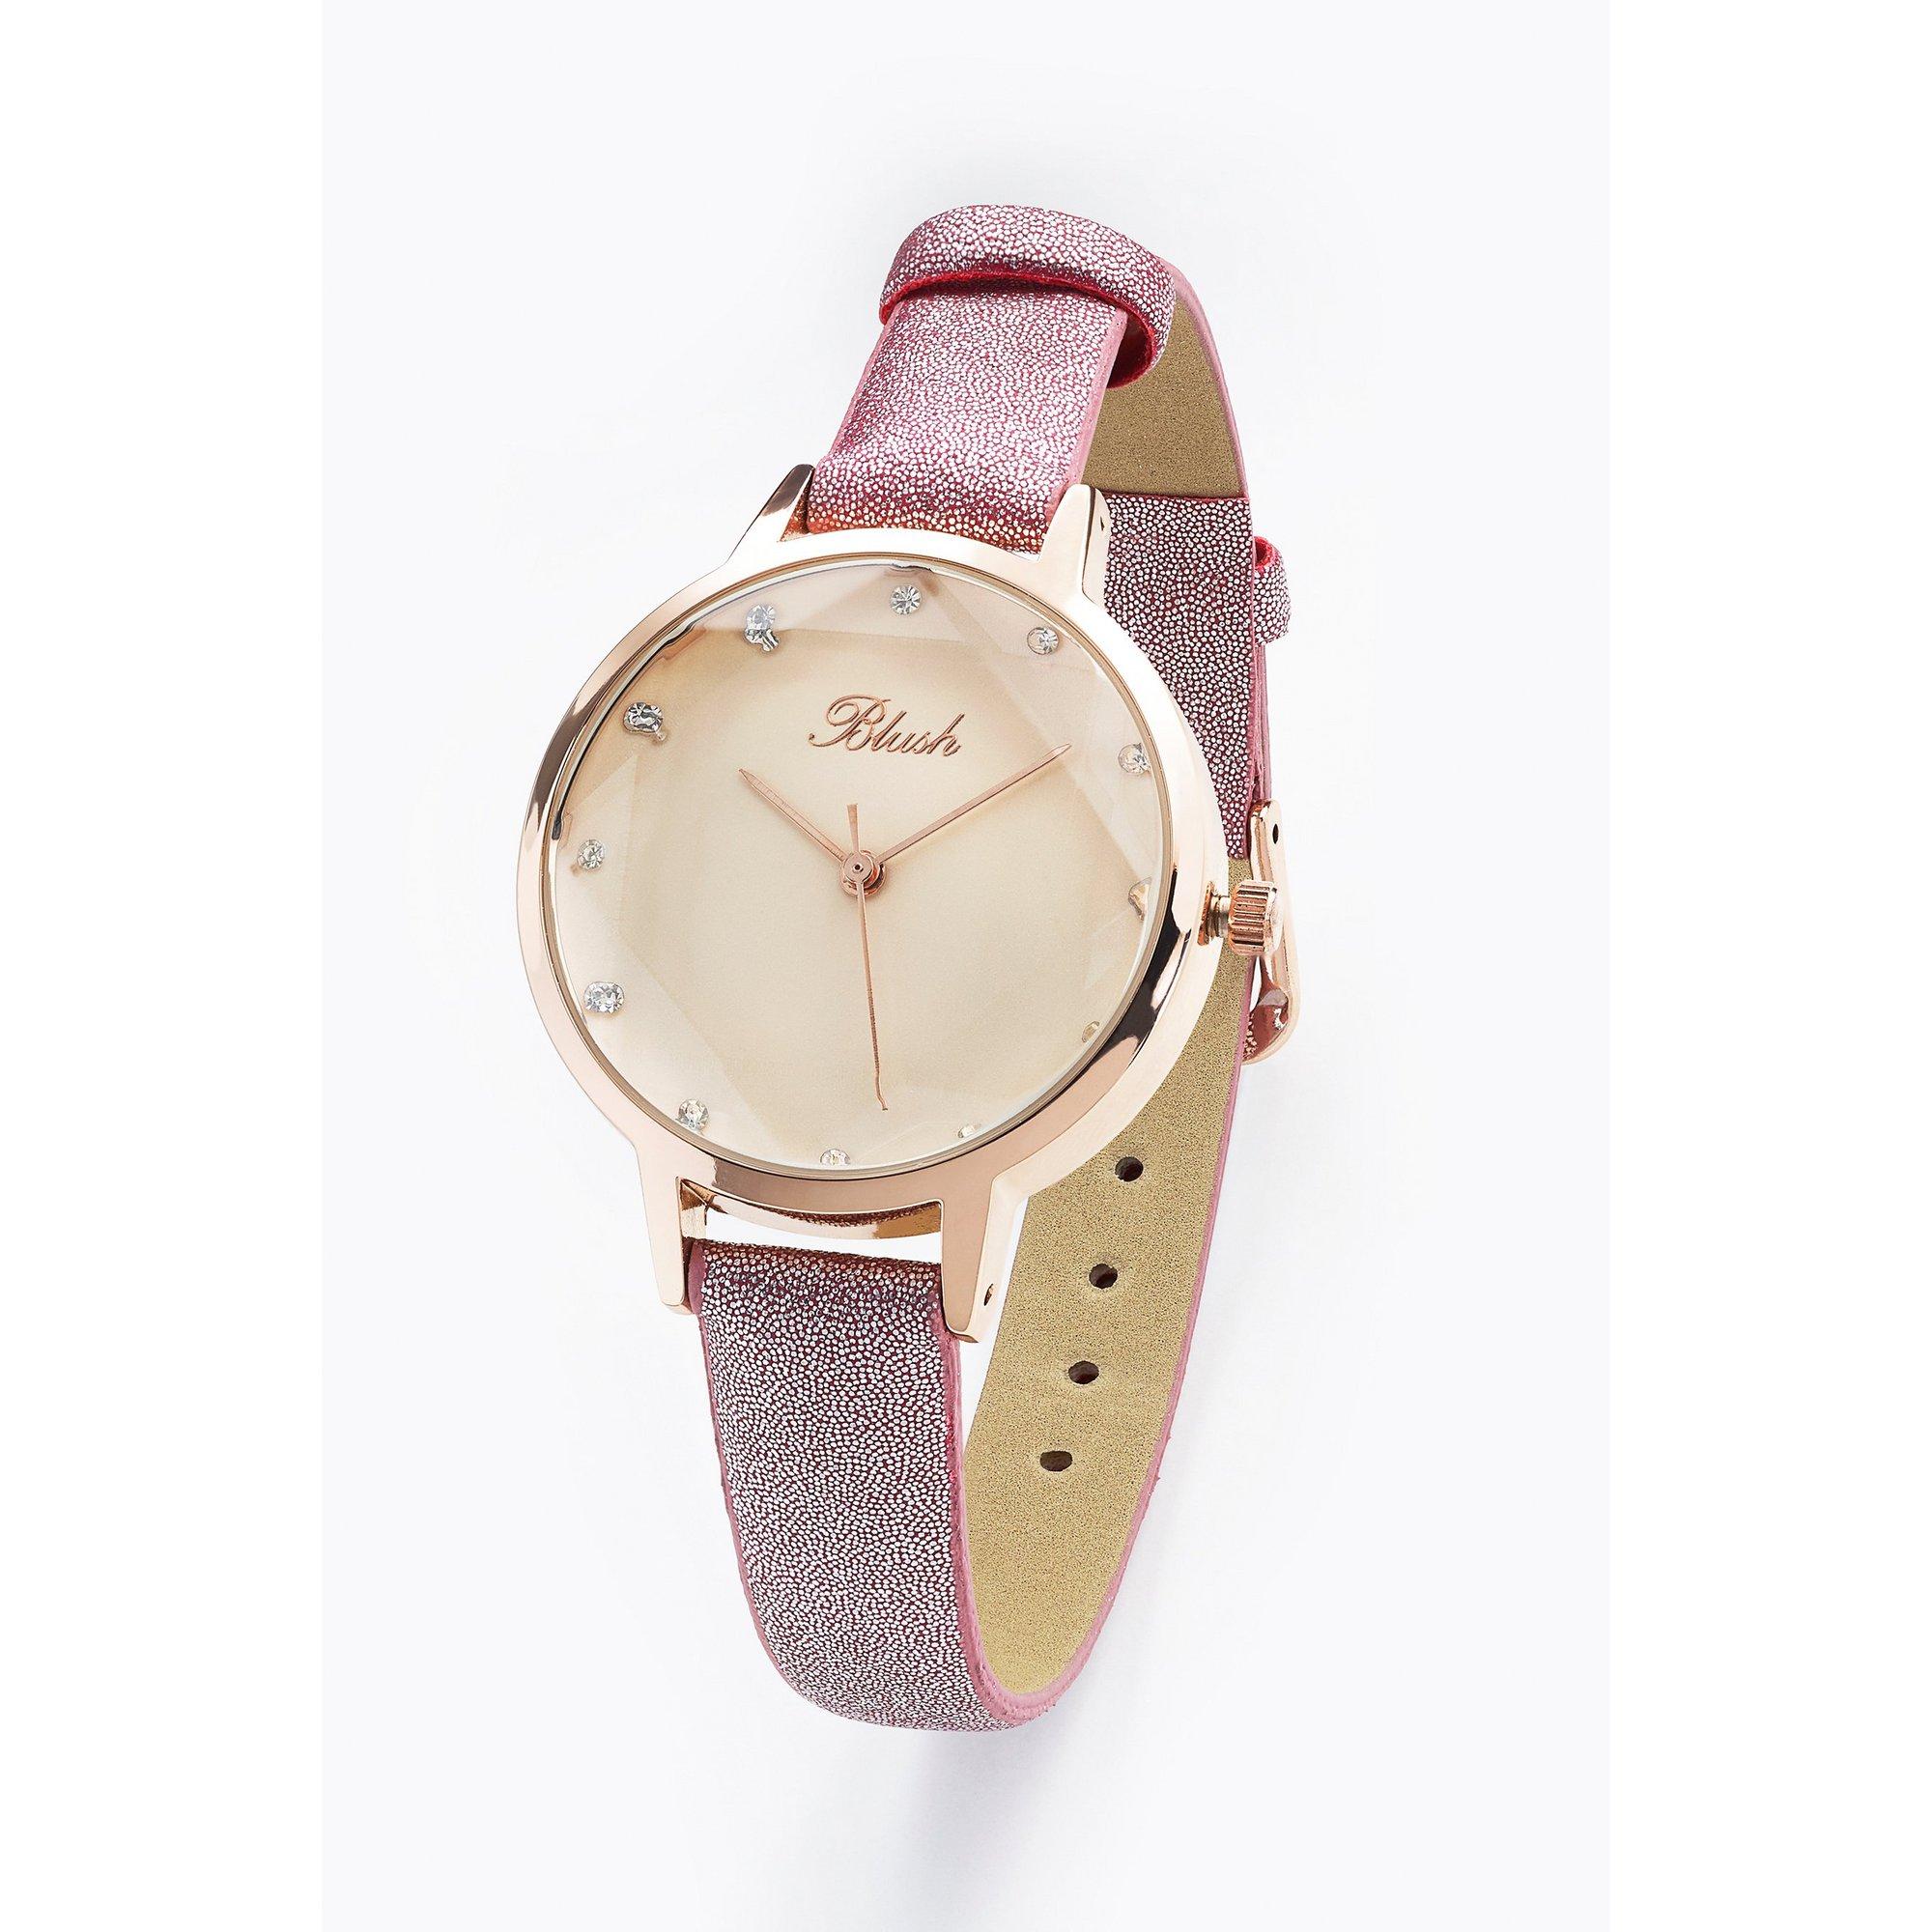 Image of Blush Berry PU Strap Fashion Watch